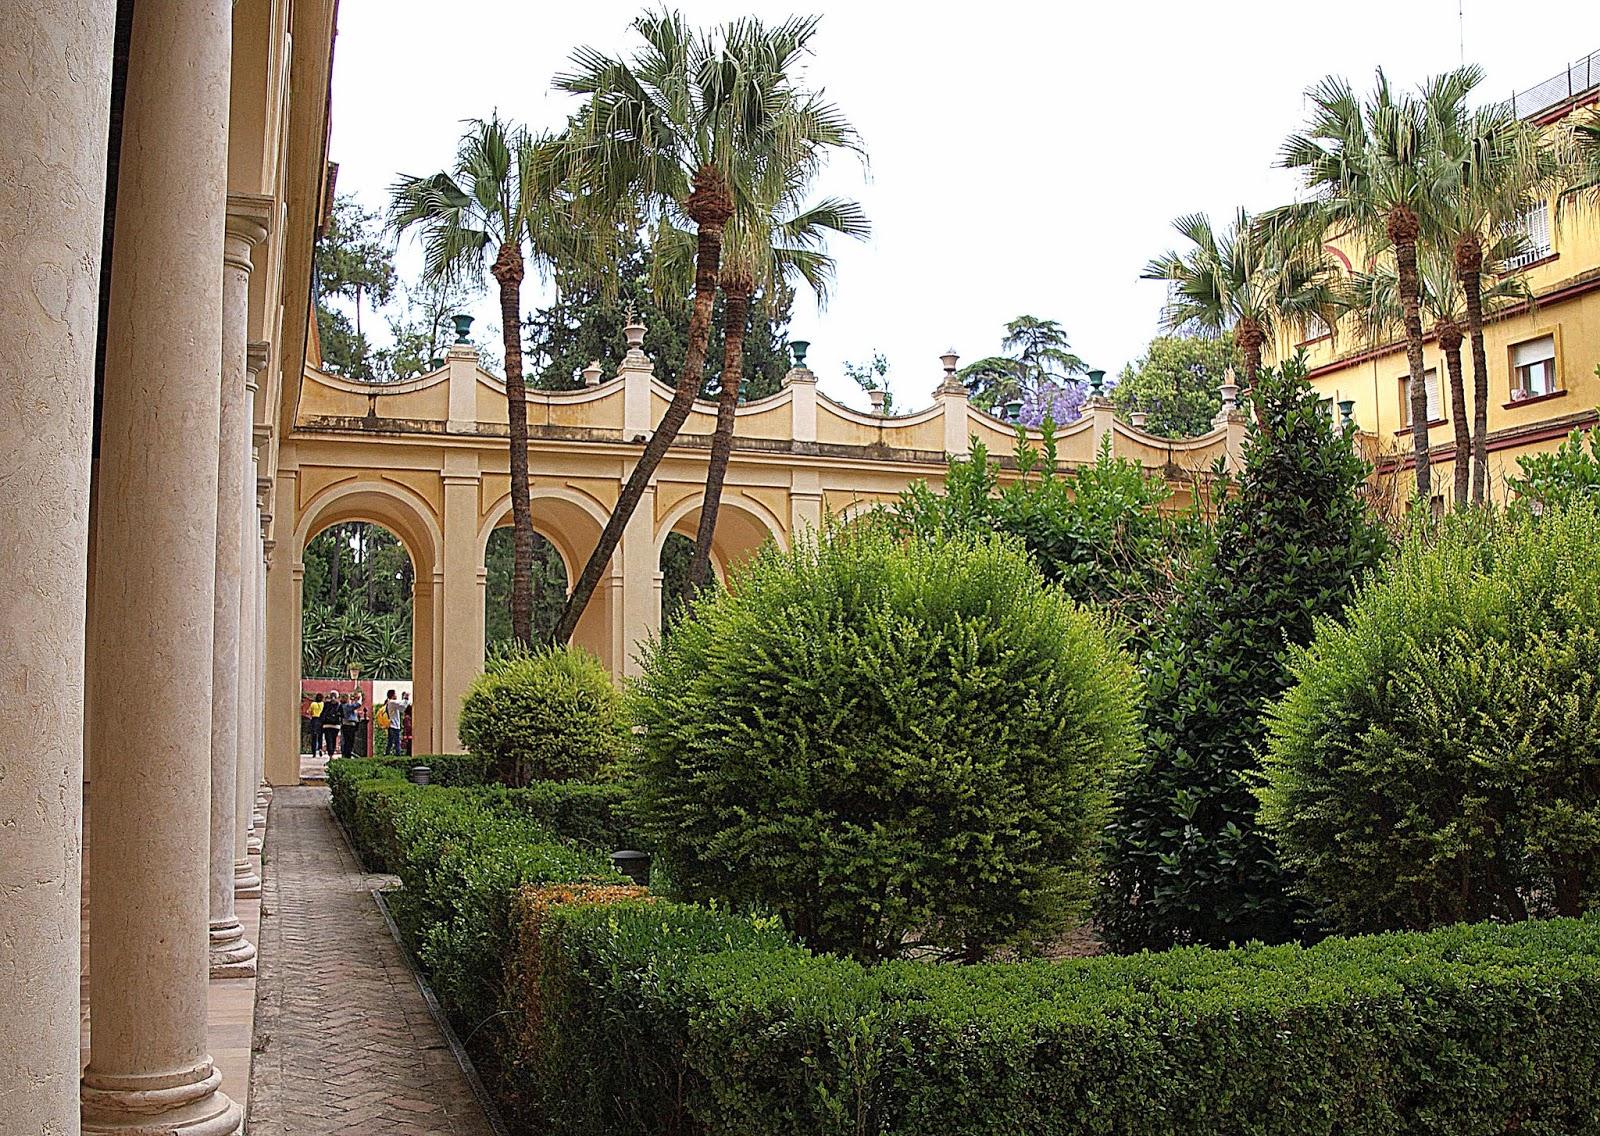 Leyendas de sevilla reales alc zares de sevilla vii for Jardines del eden sevilla